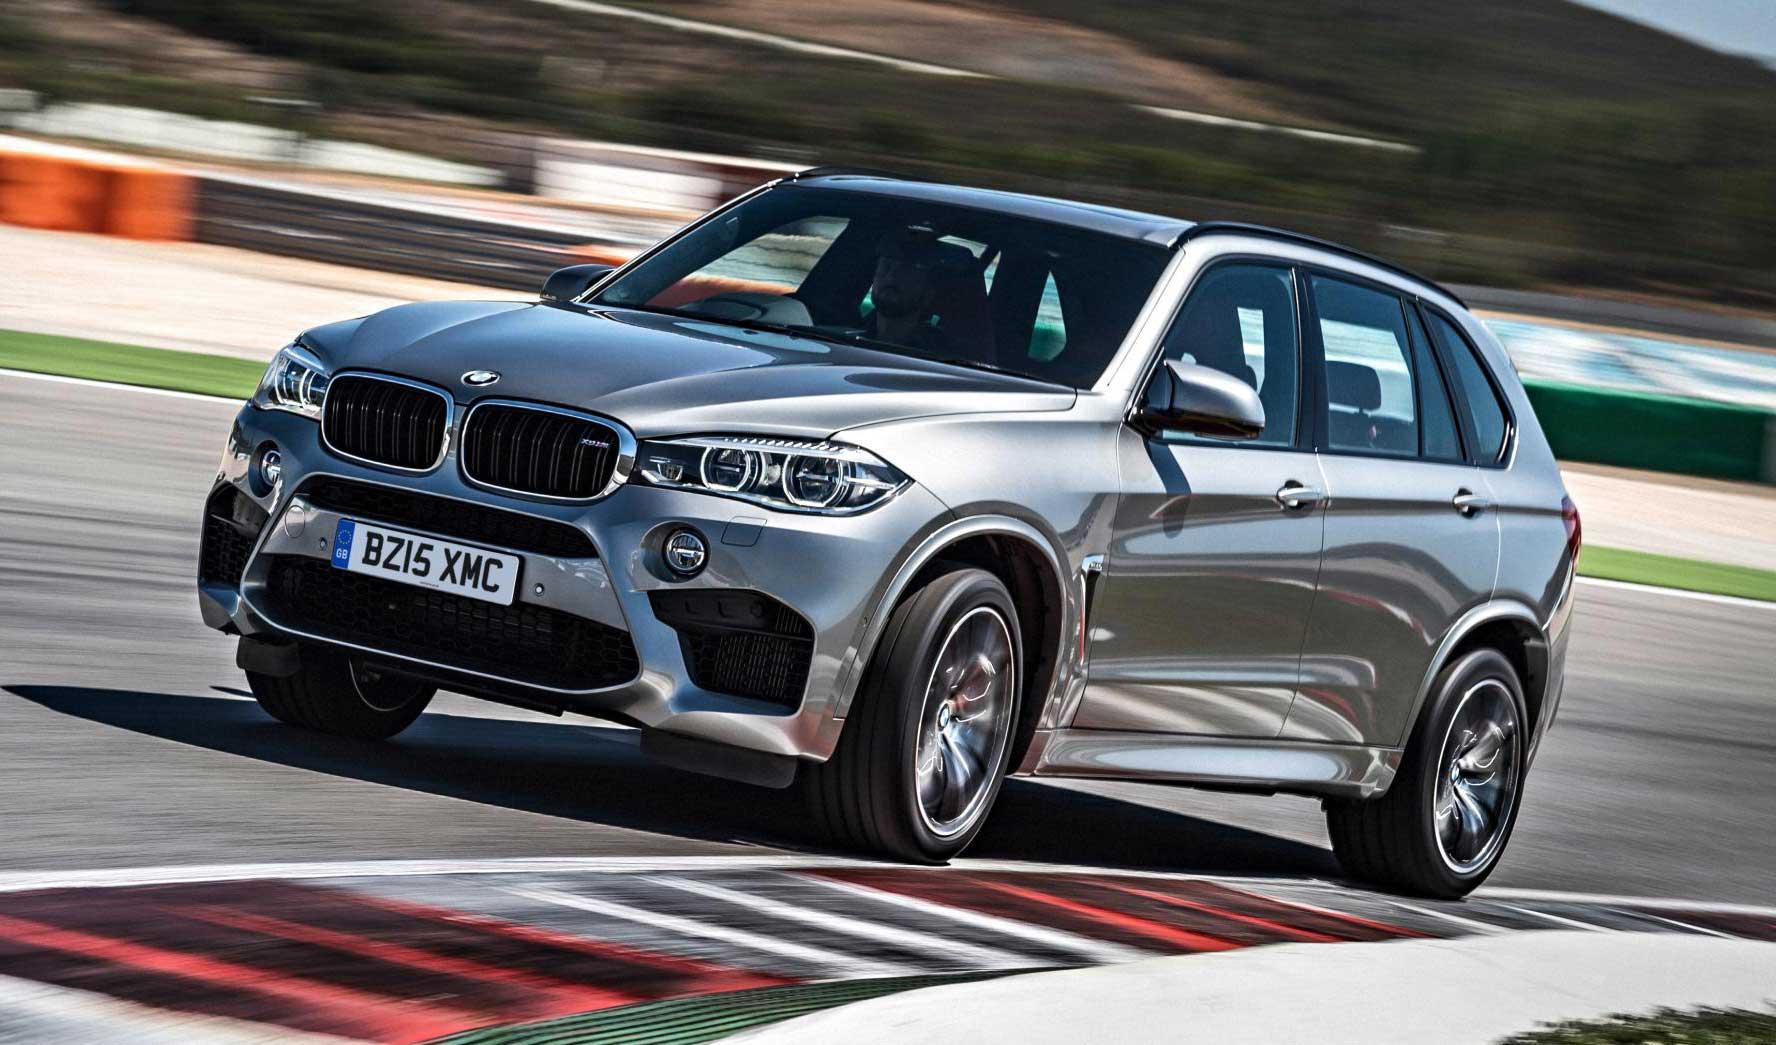 جریمه ۱۰ میلیون دلاری شرکت خودروسازی BMW در کره جنوبی